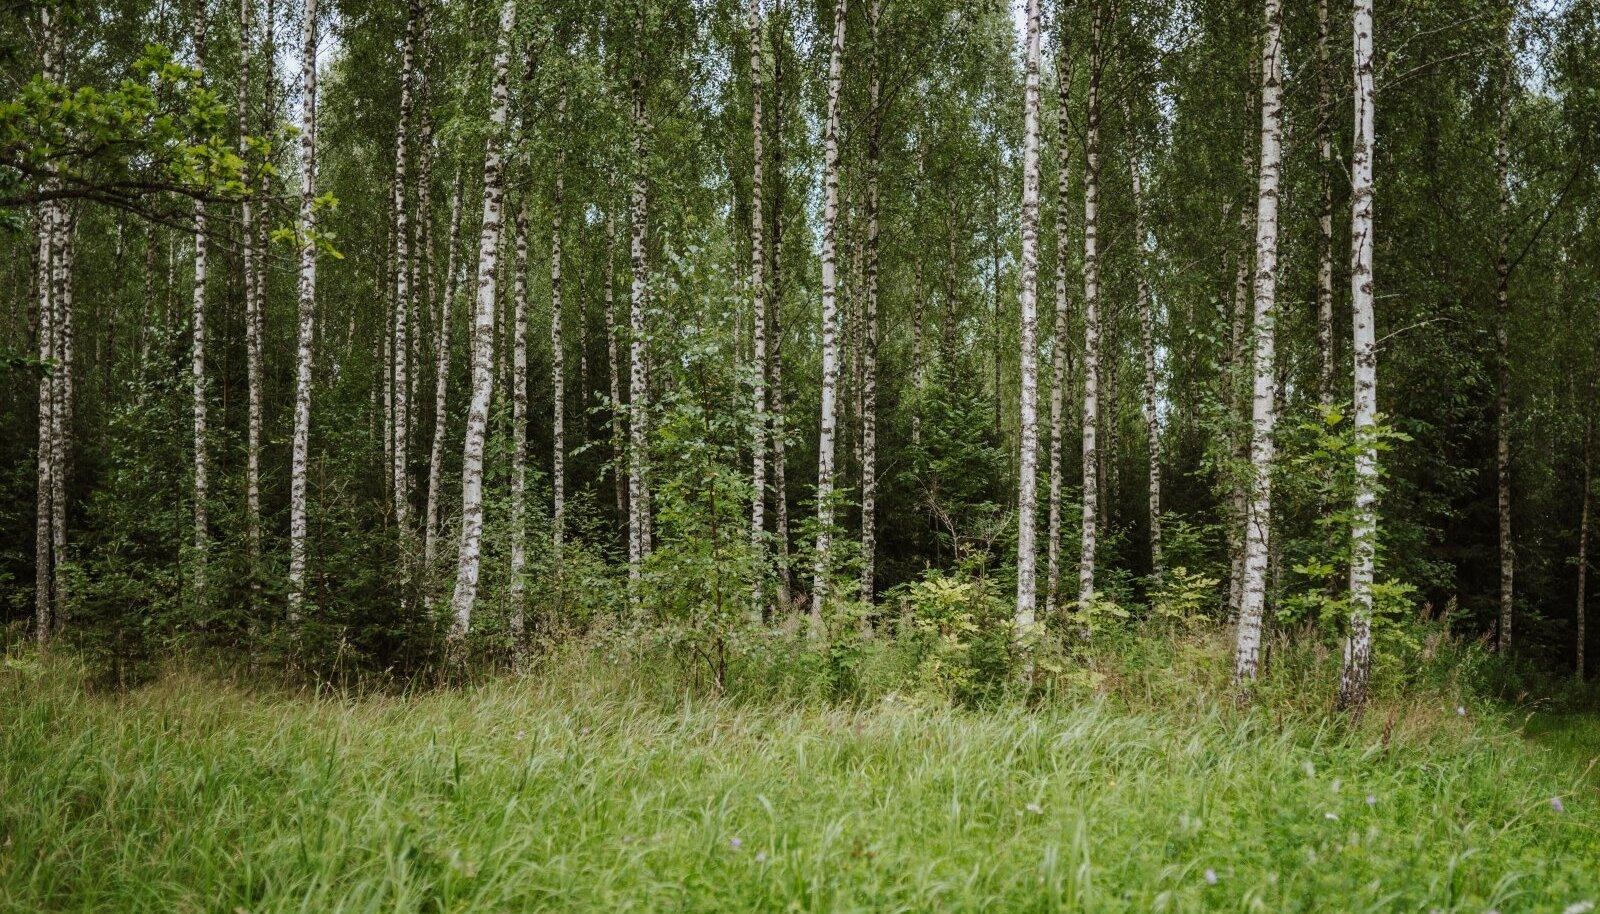 Eesti inimesed tähtsustavad metsa kui planeedi kopse ja mõnusat ajaviitmispaika.